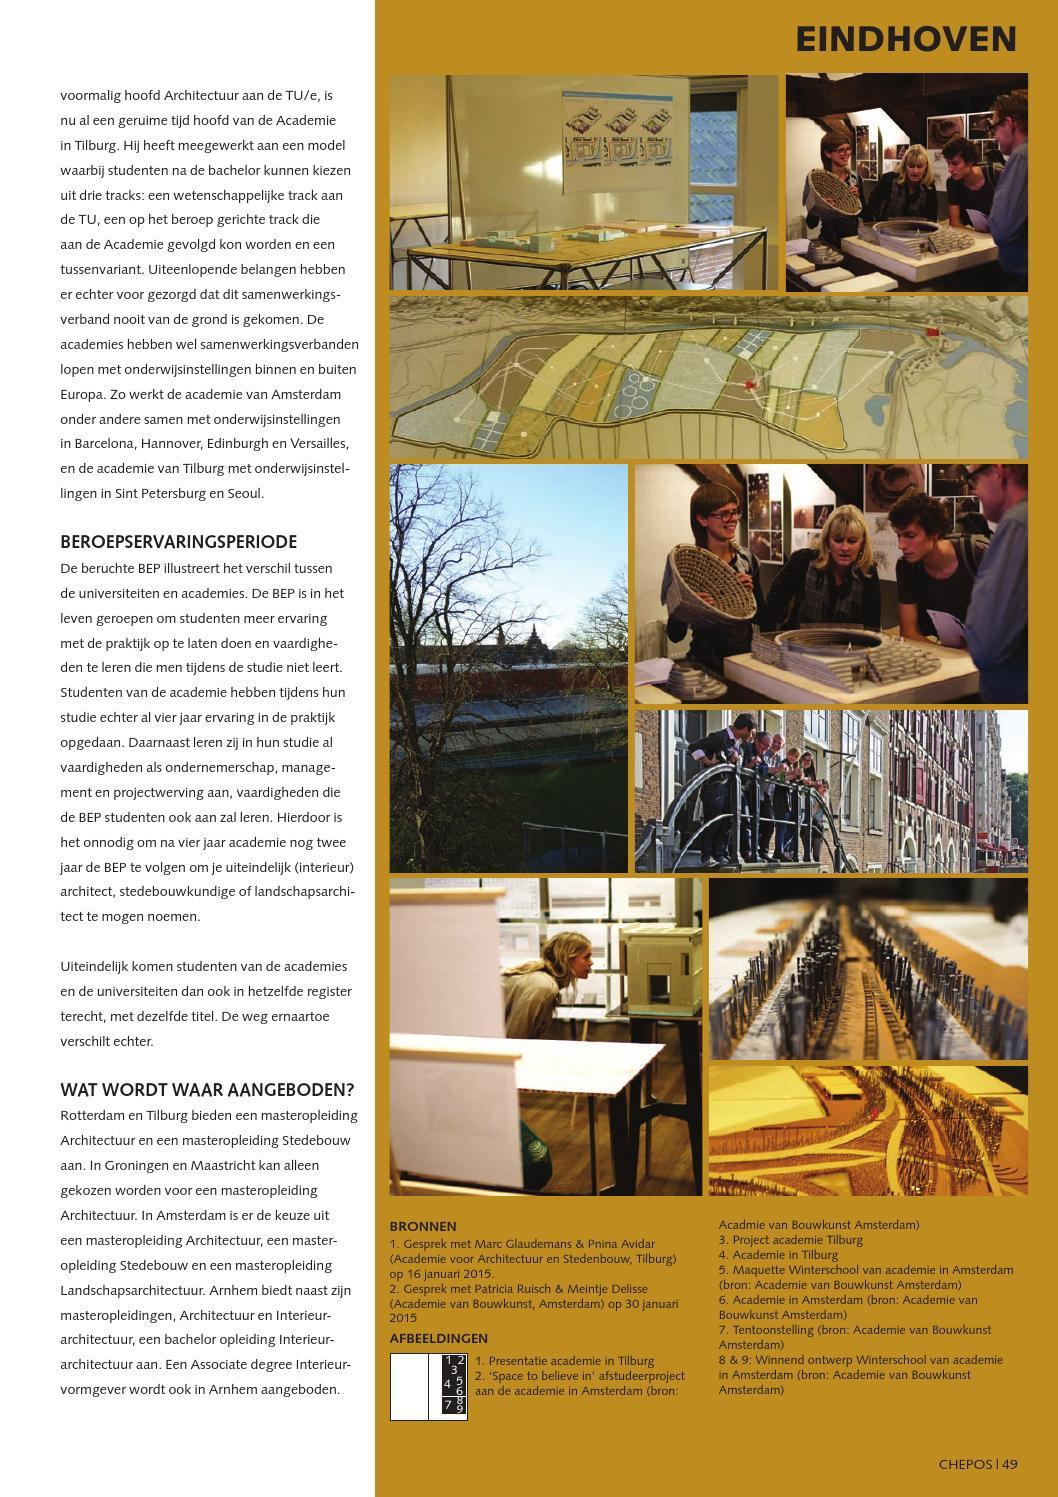 interieur en design opleiding groningen